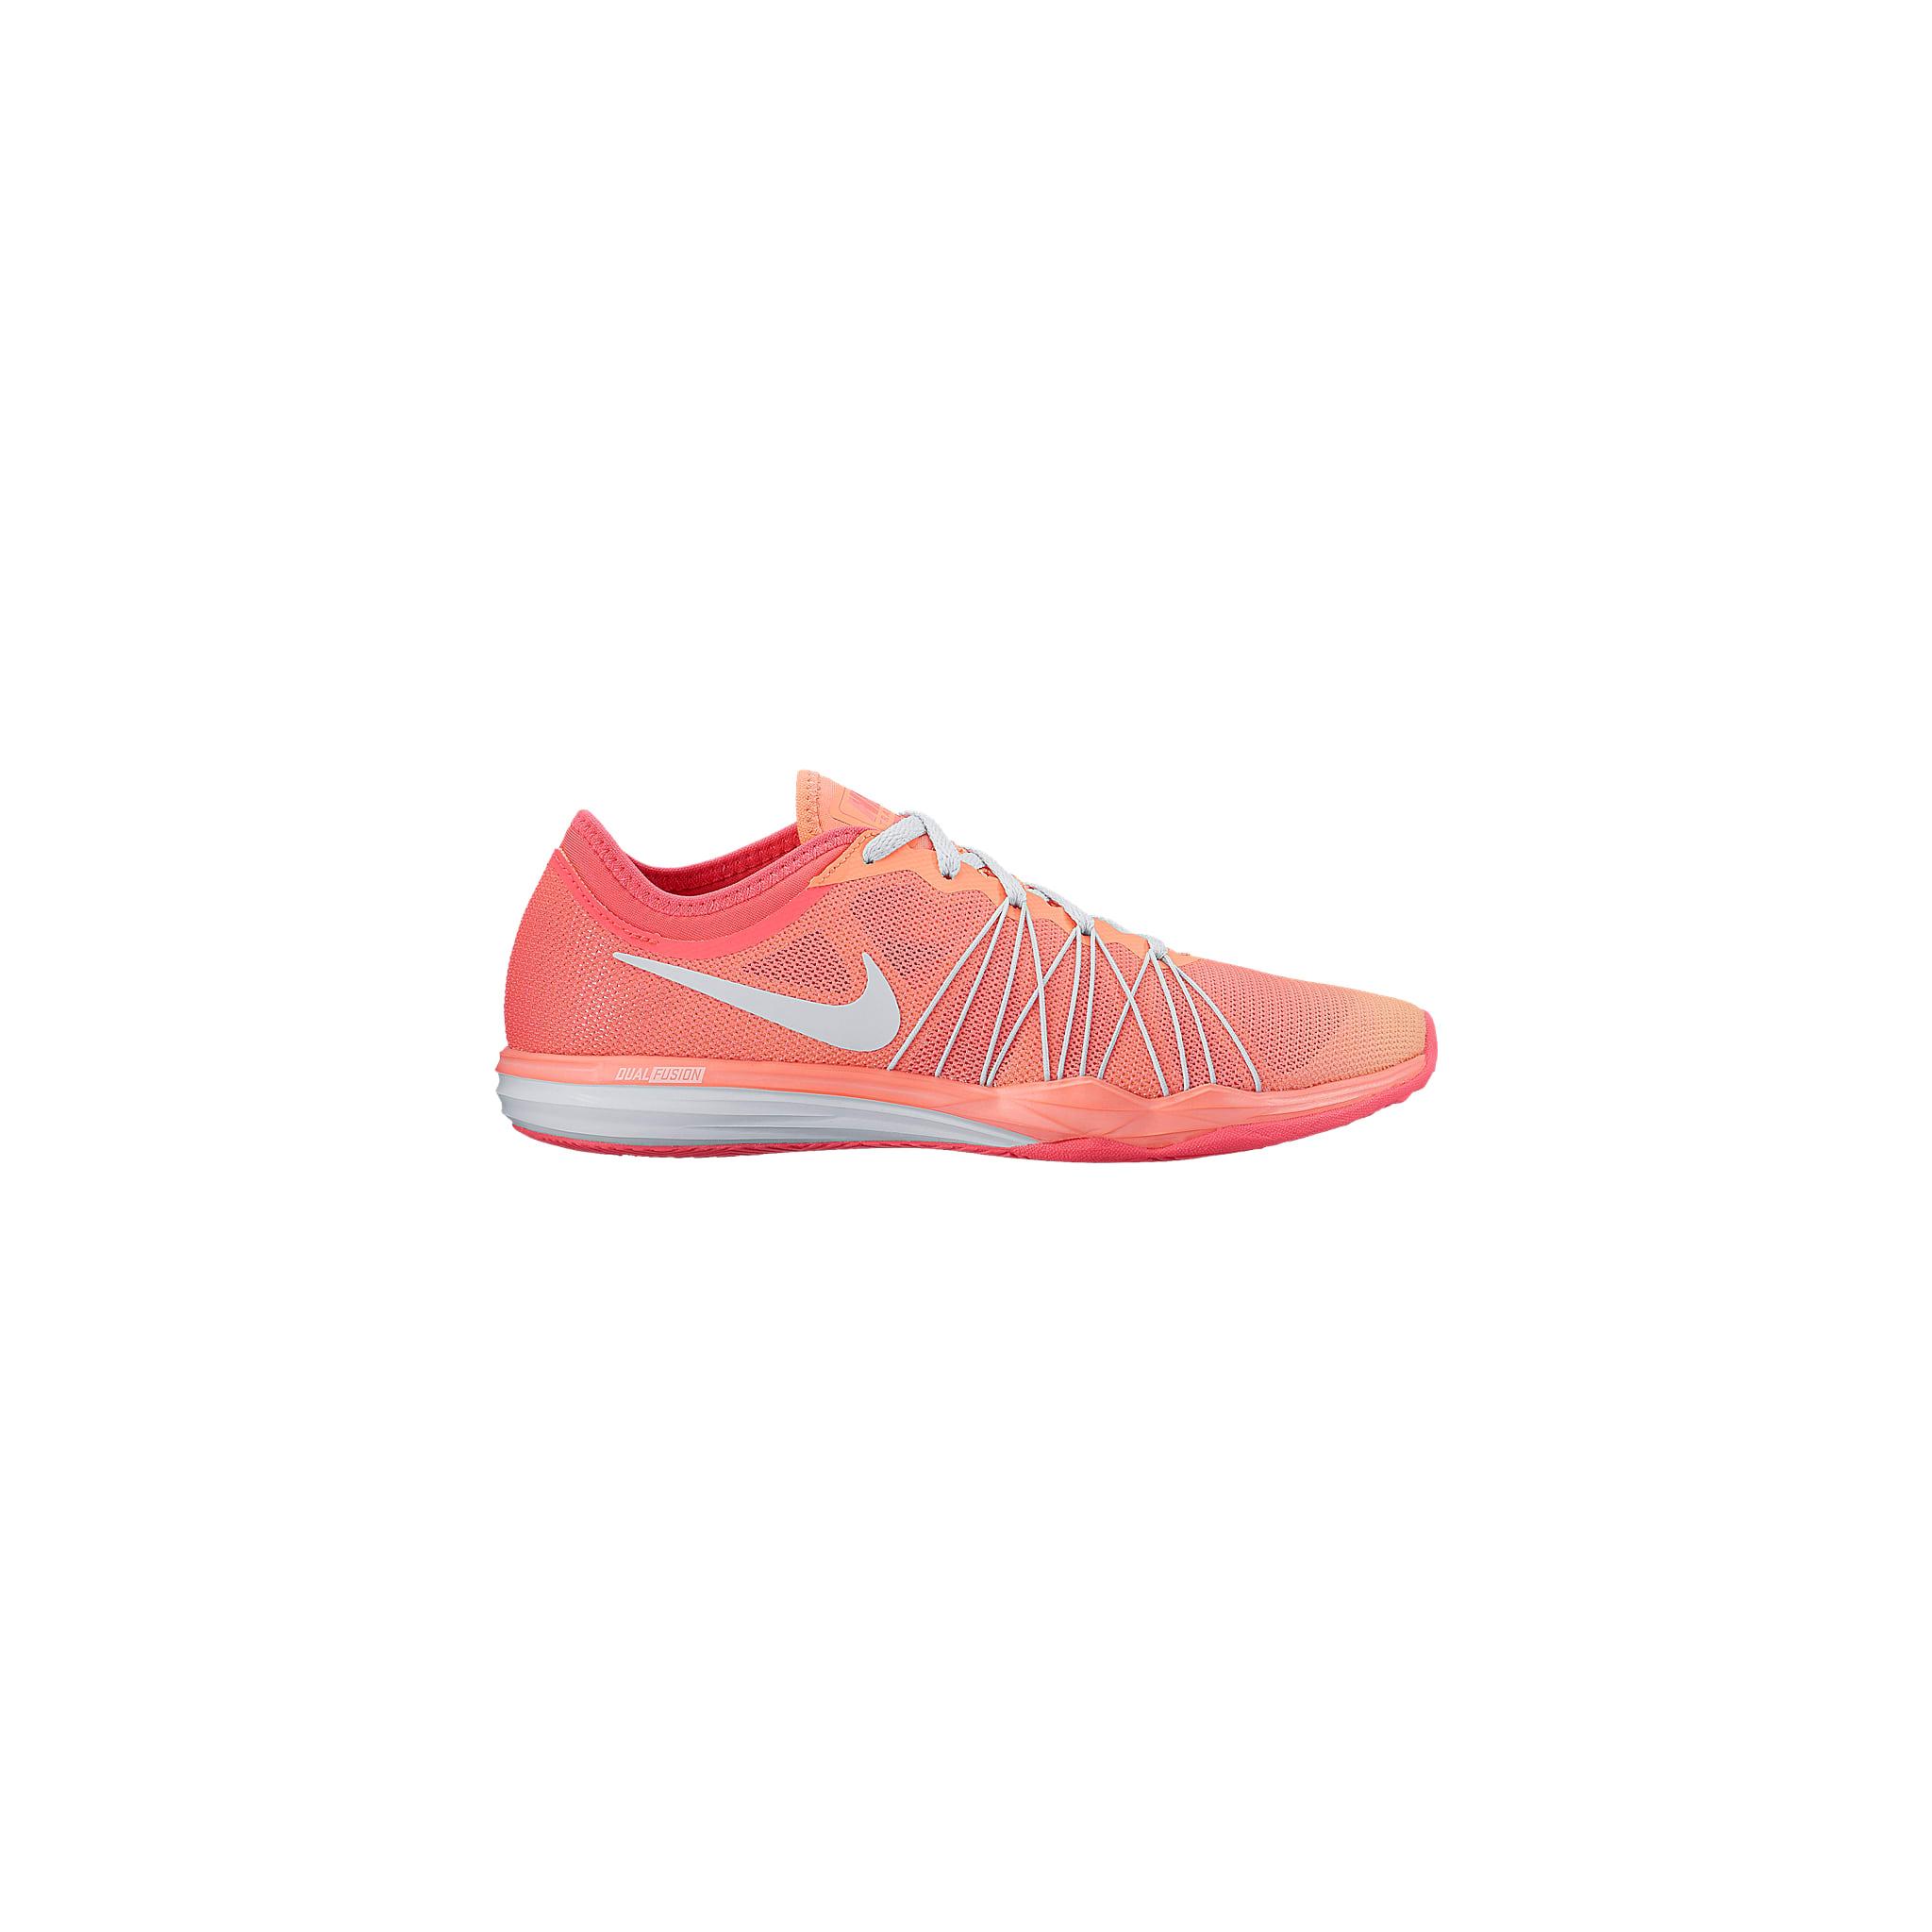 Øk intensiteten din med Nike Dual Fusion TR